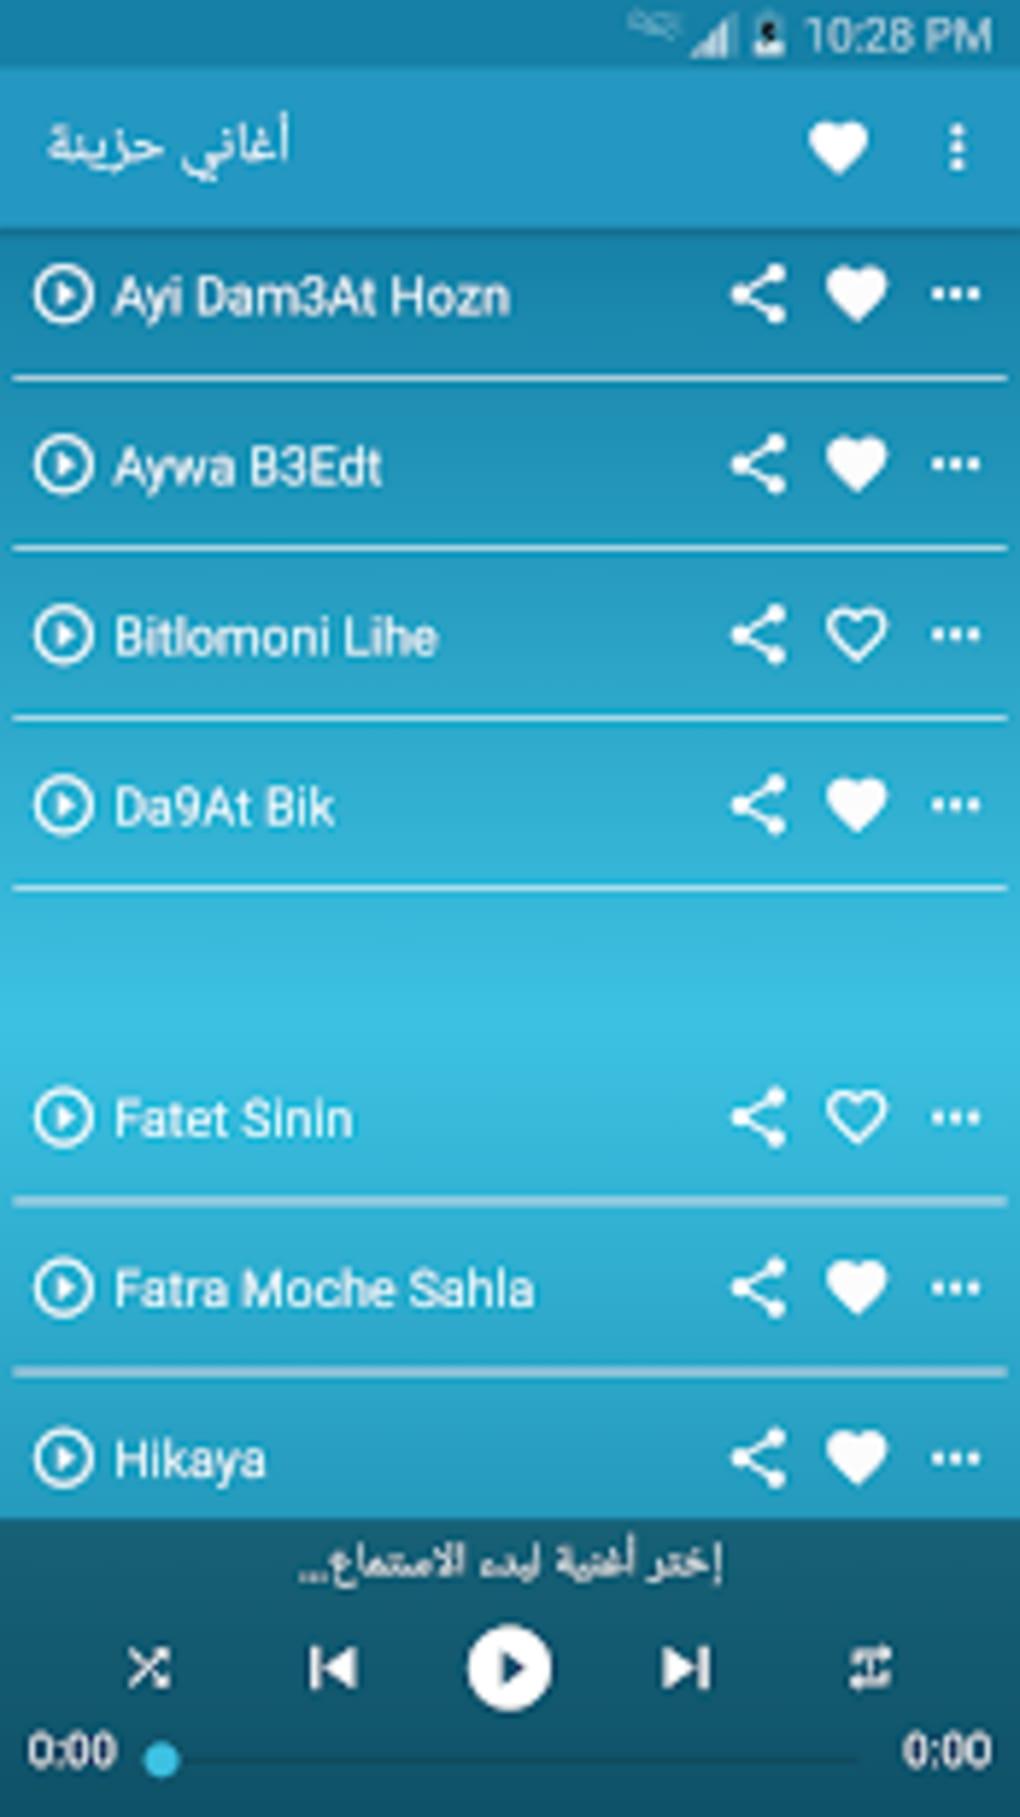 اغاني حزينه جدا روعه 2019 بدون أنترنيت APK لنظام Android - تنزيل